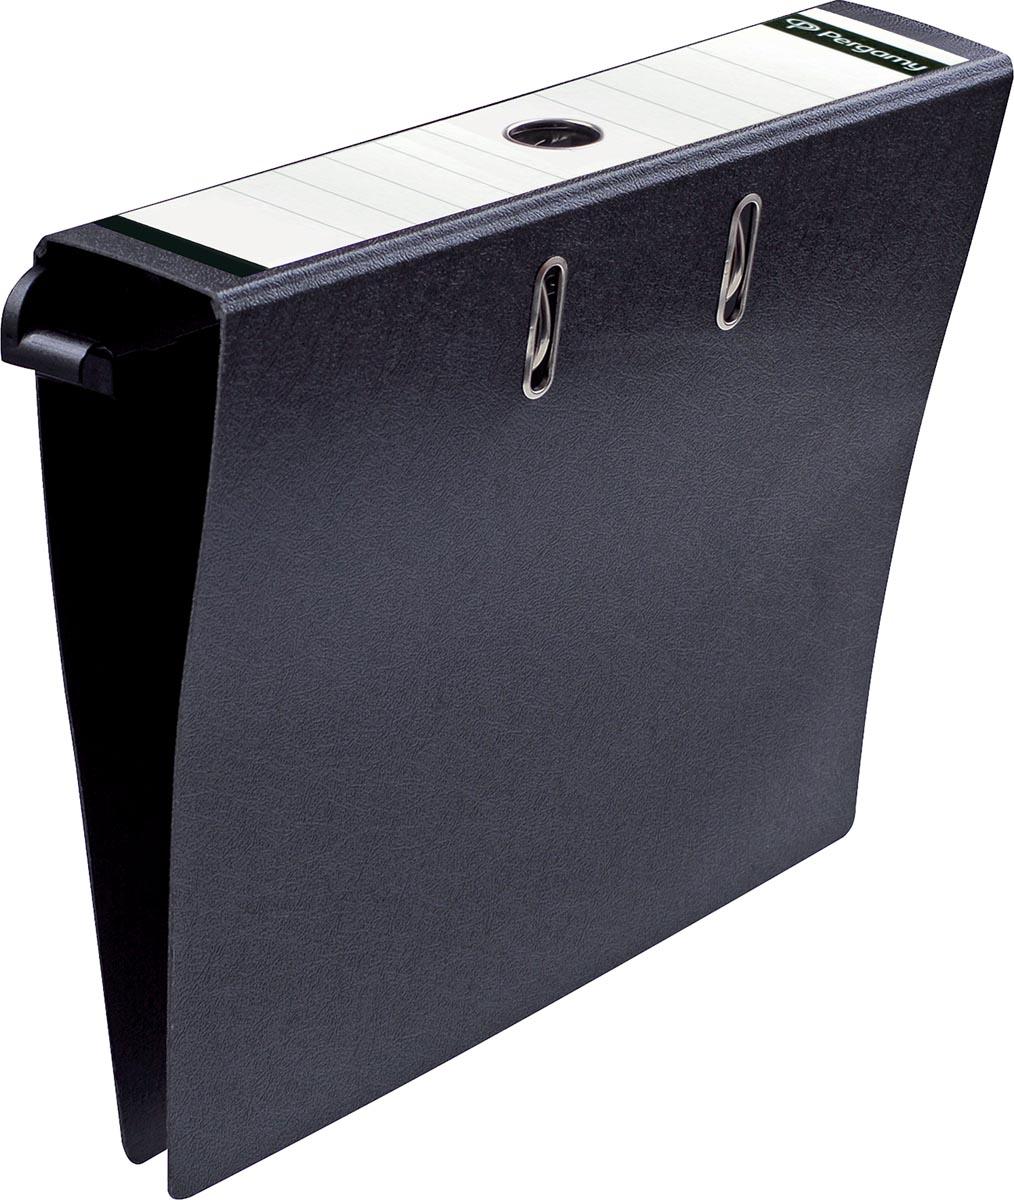 Pergamy kartonnen ordner ft A4, rug van 5 cm, hangmapordner